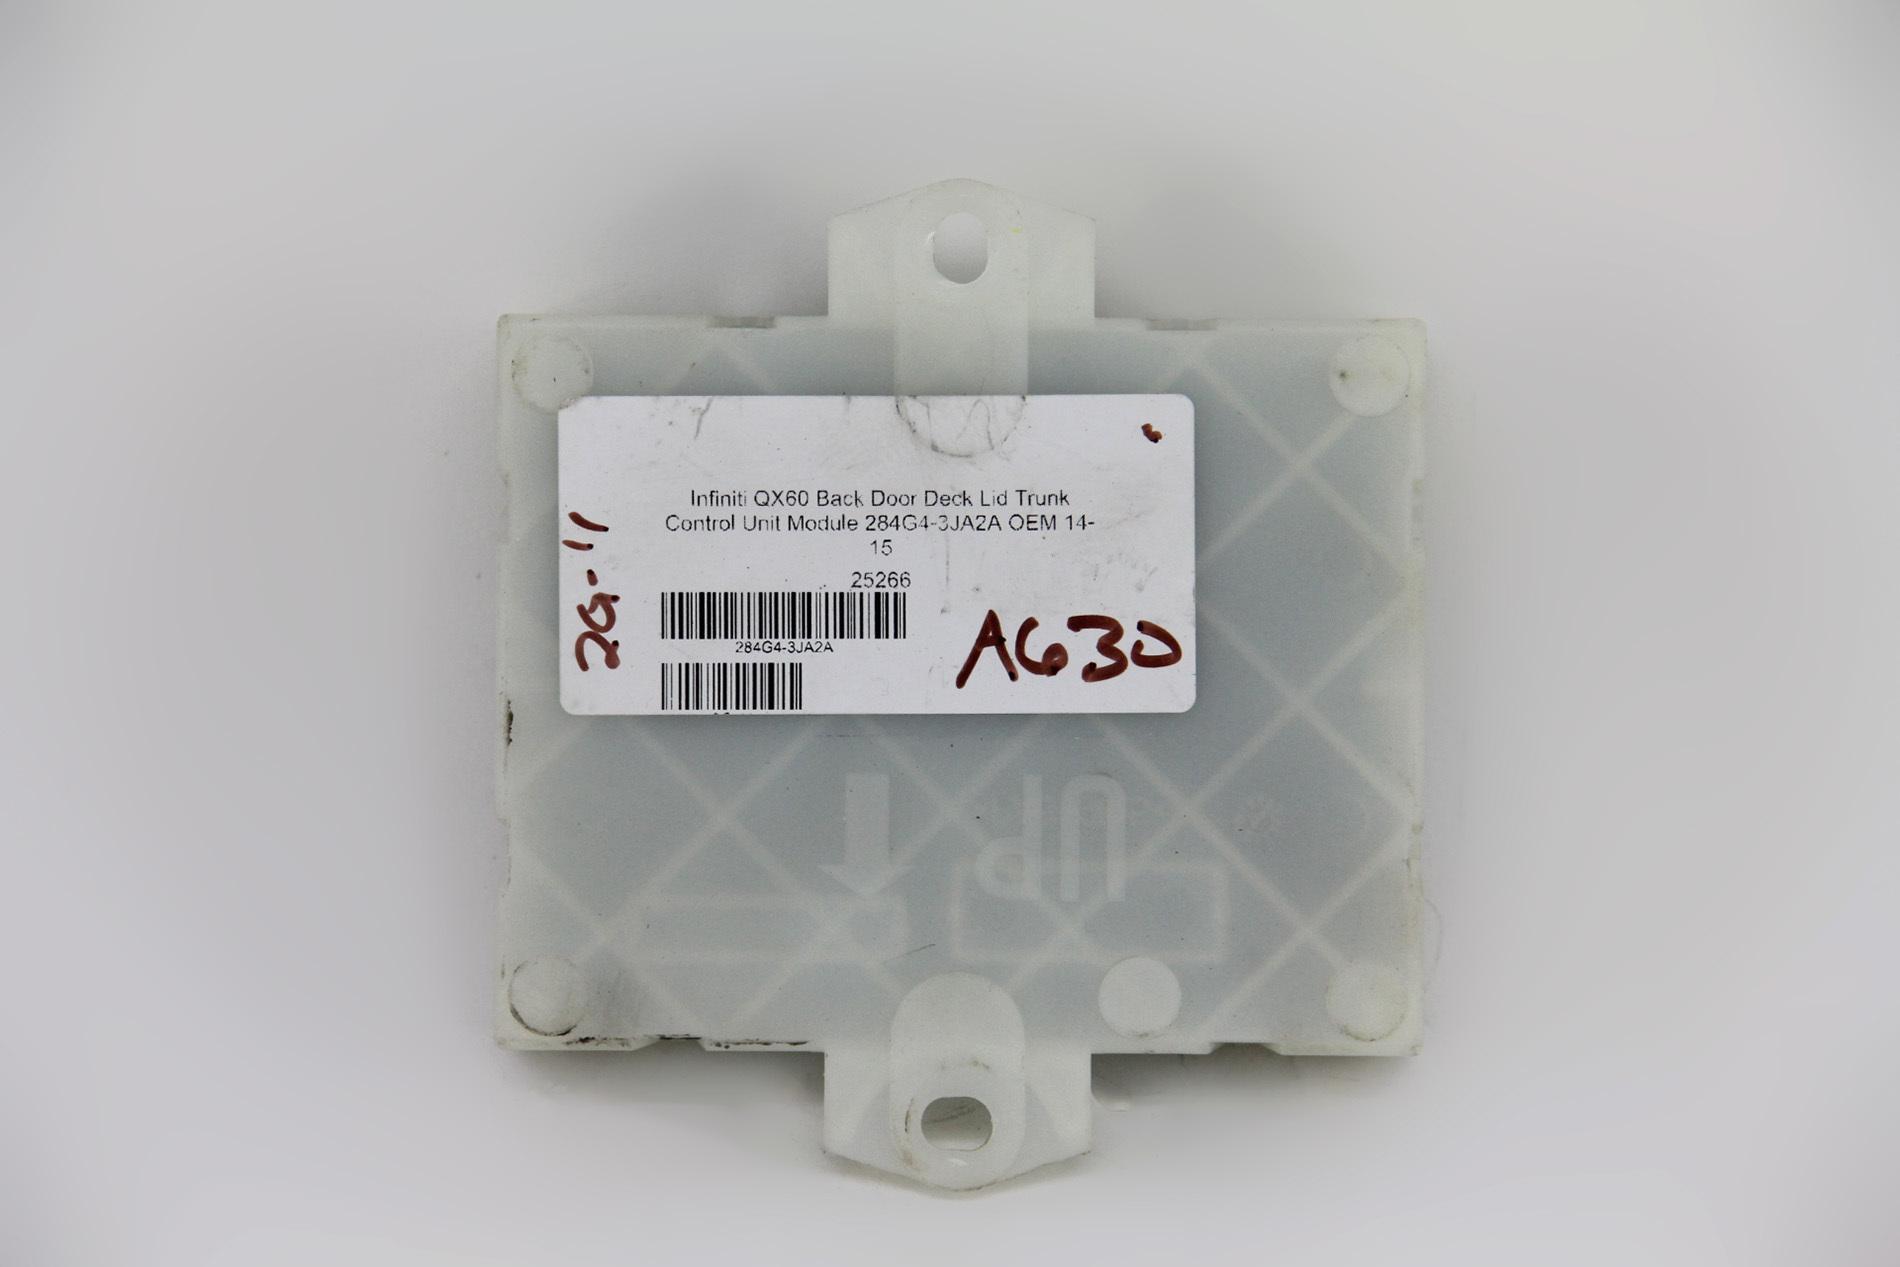 Infiniti QX60 Back Door Deck Lid Trunk Control Unit Module 284G4-3JA2A OEM  14- ...